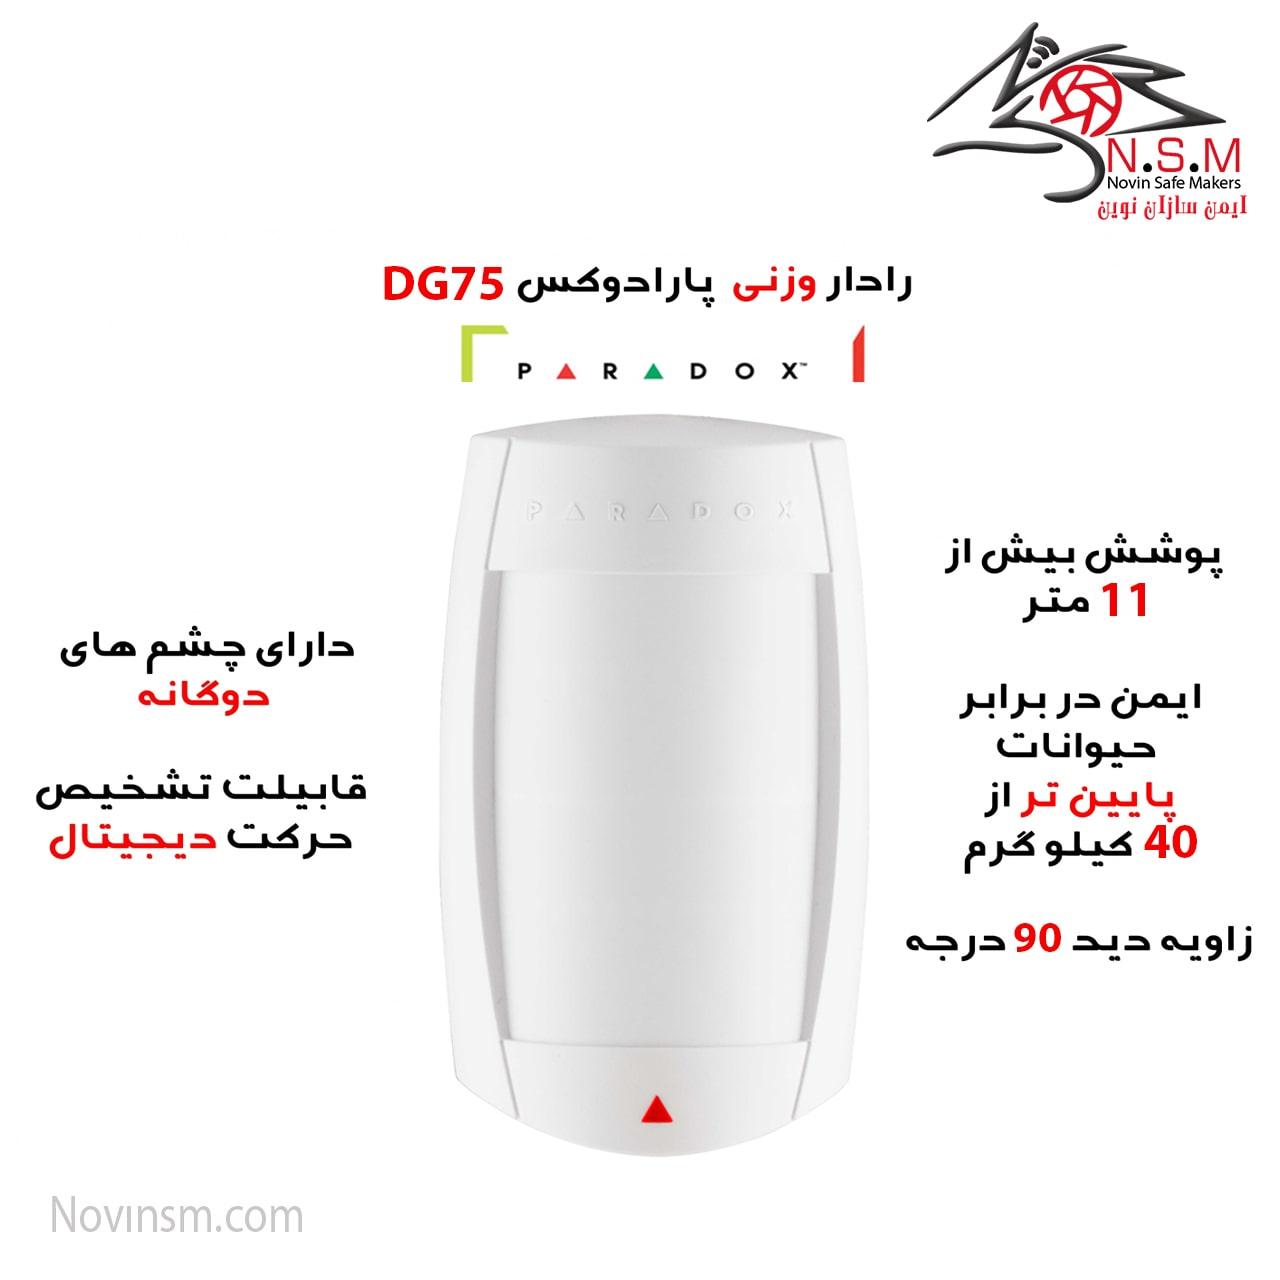 مشخصات چشمی وزنی پارادوکس DG75